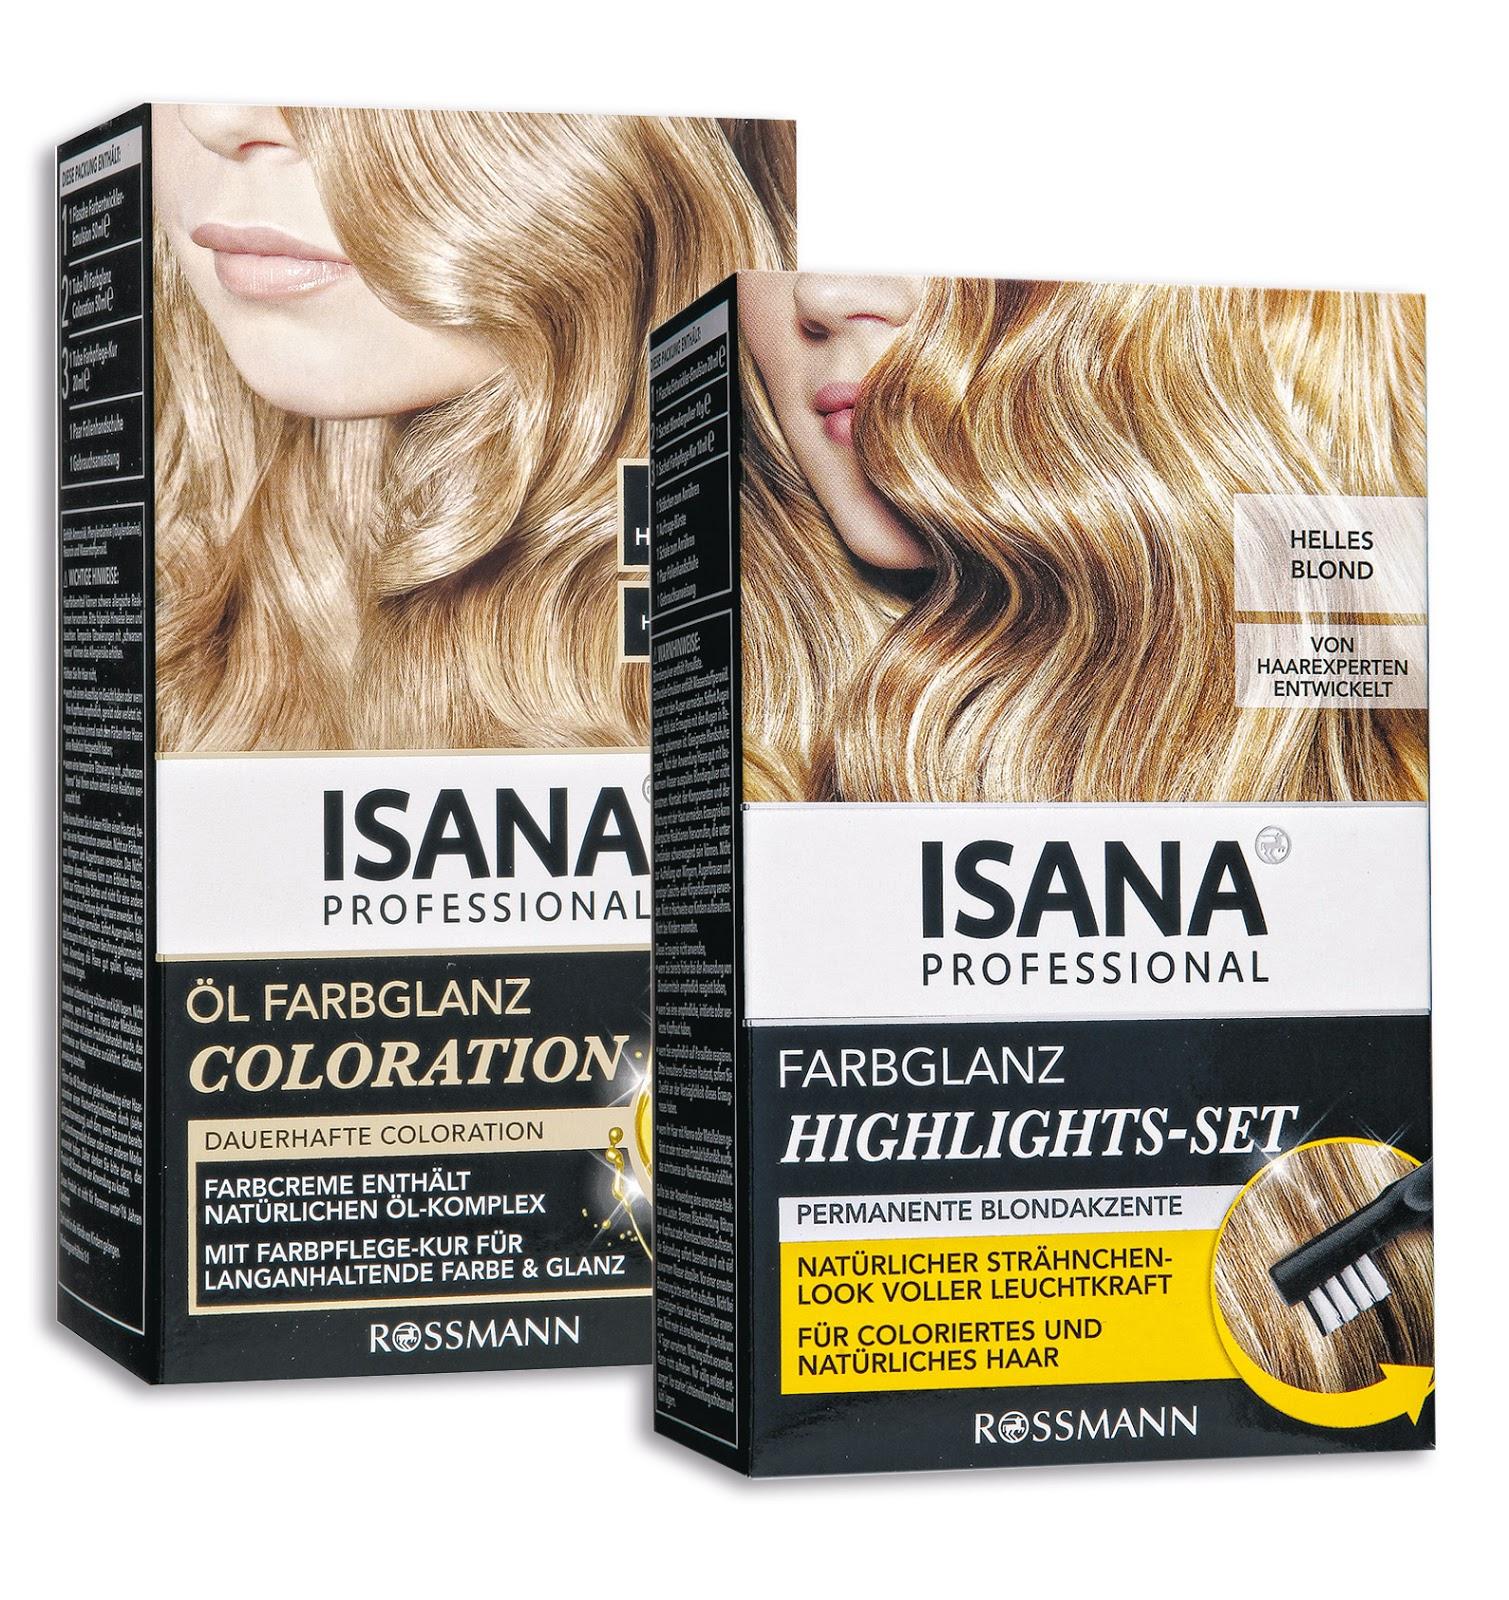 Haarfarben Stilvolle Frisuren Fur Jeden Tag